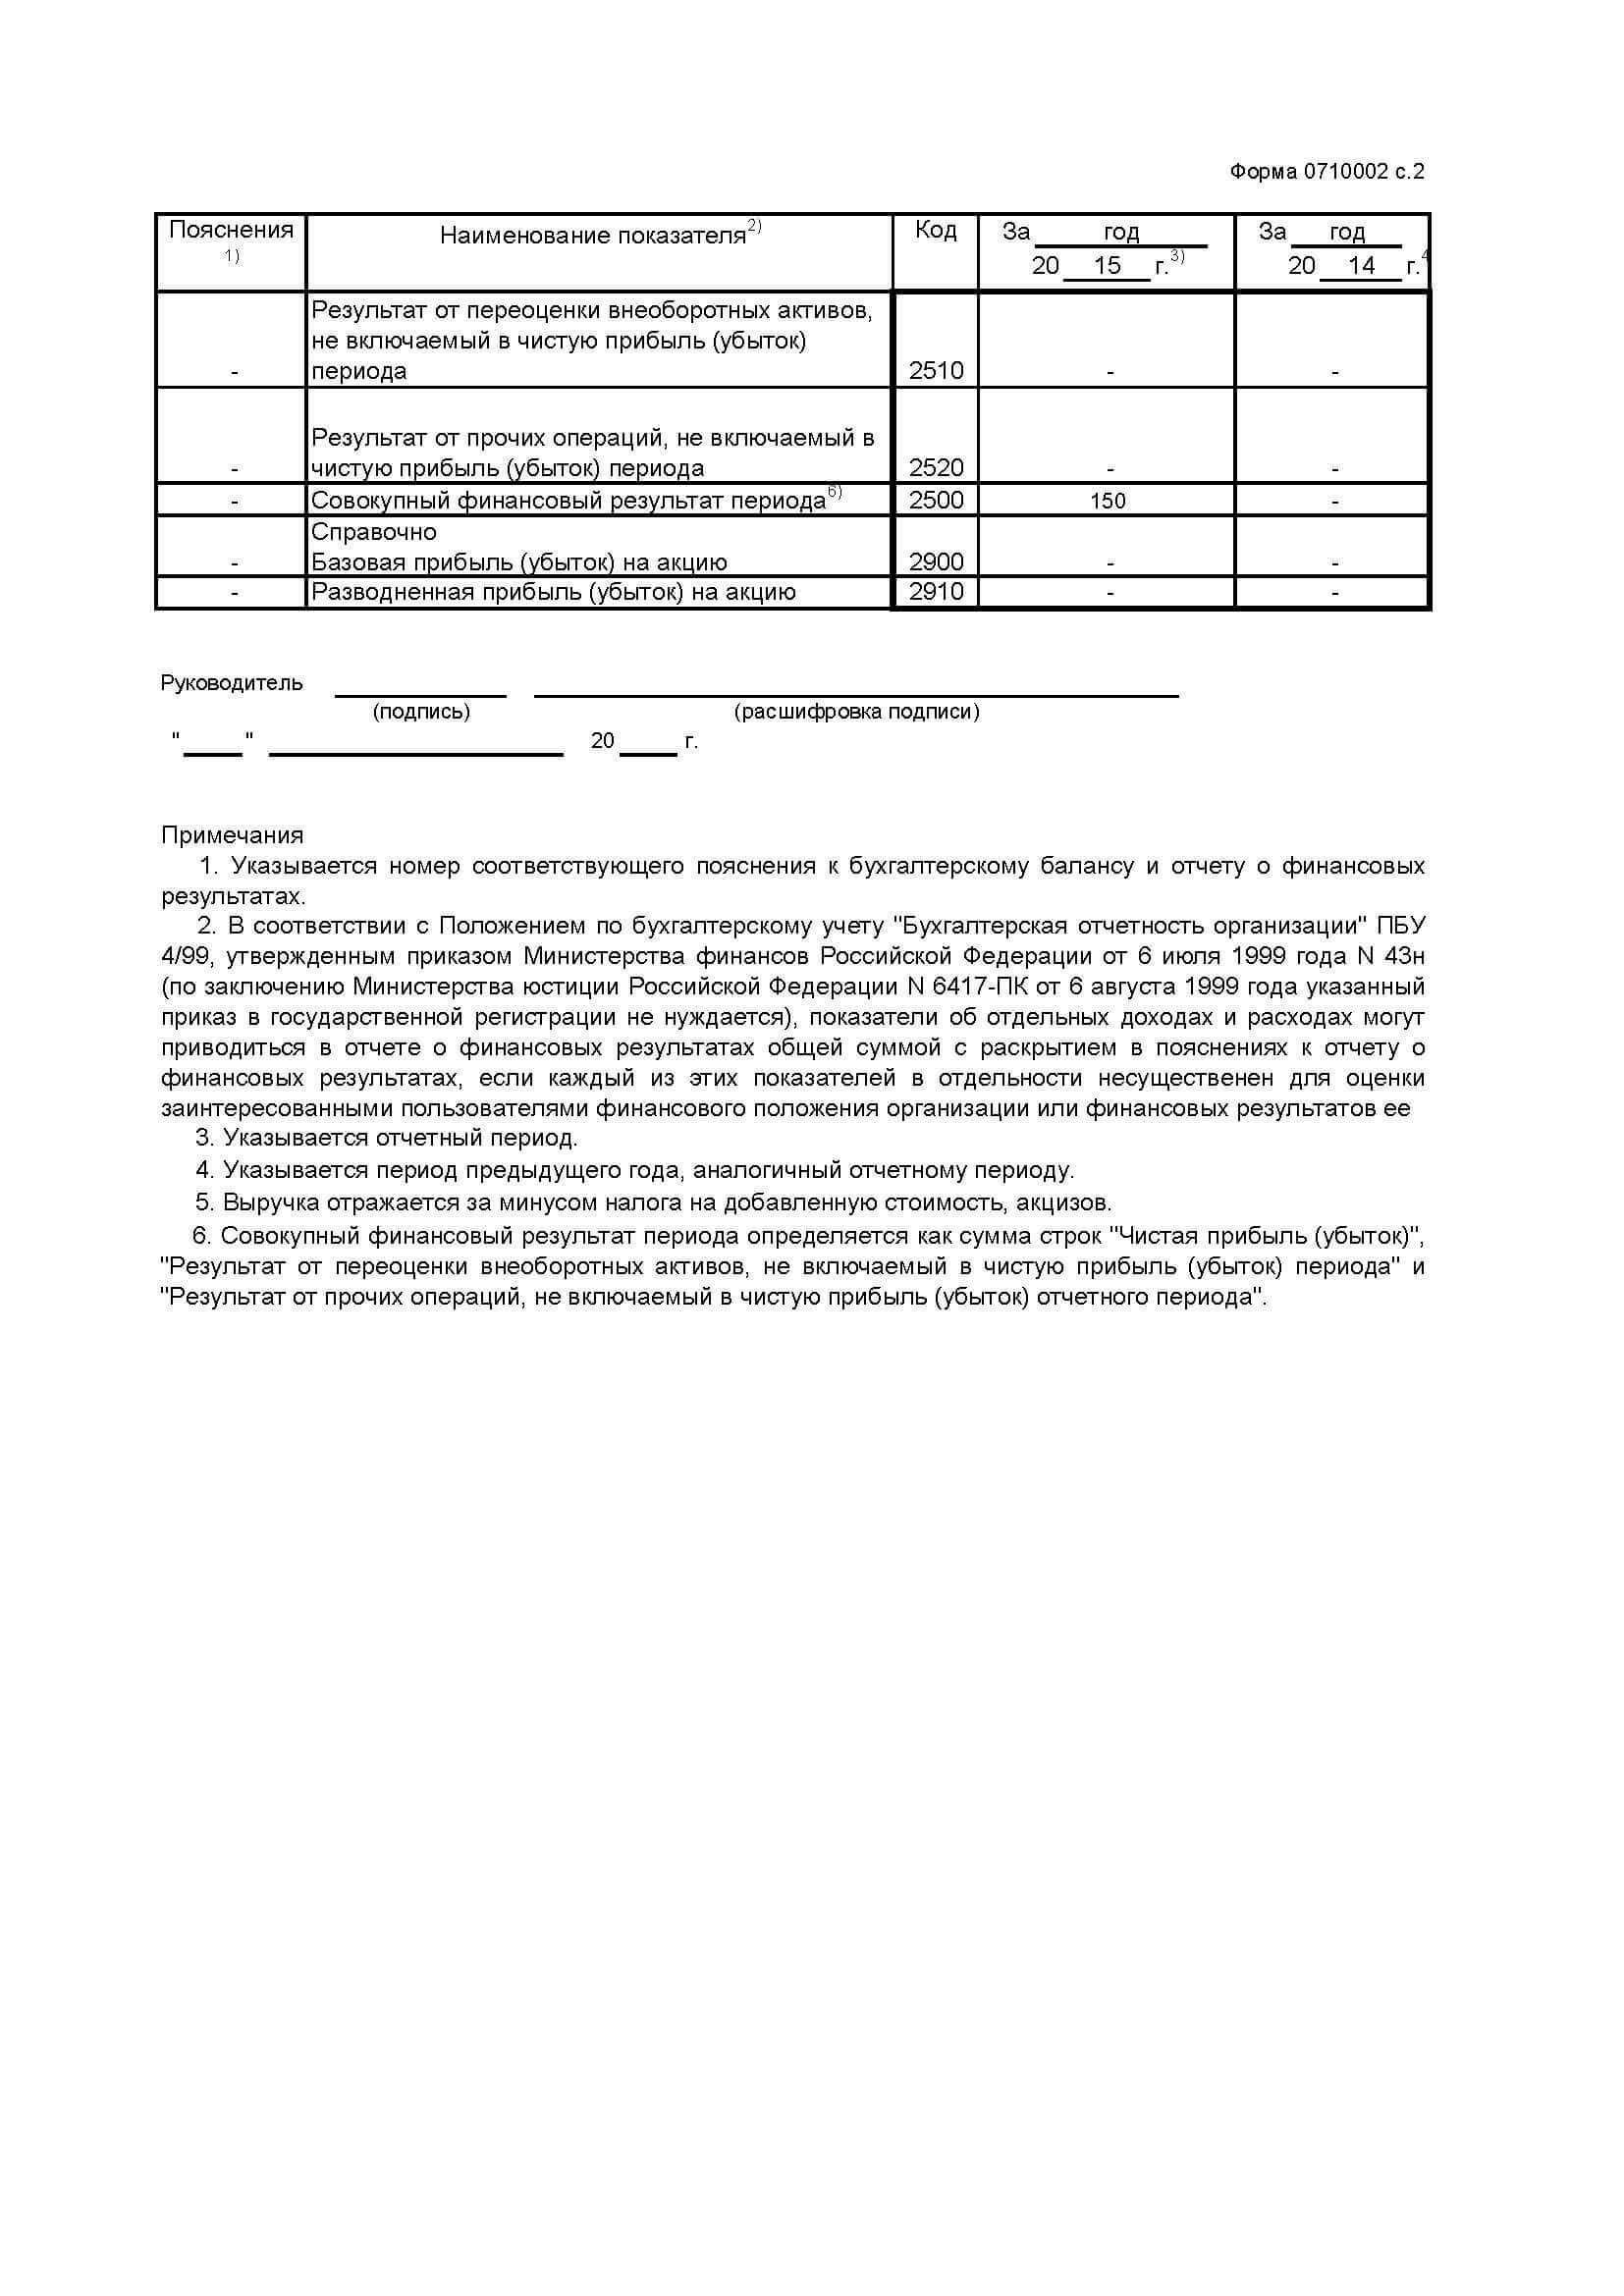 форма 11 по основным средствам за 2013 год бланк